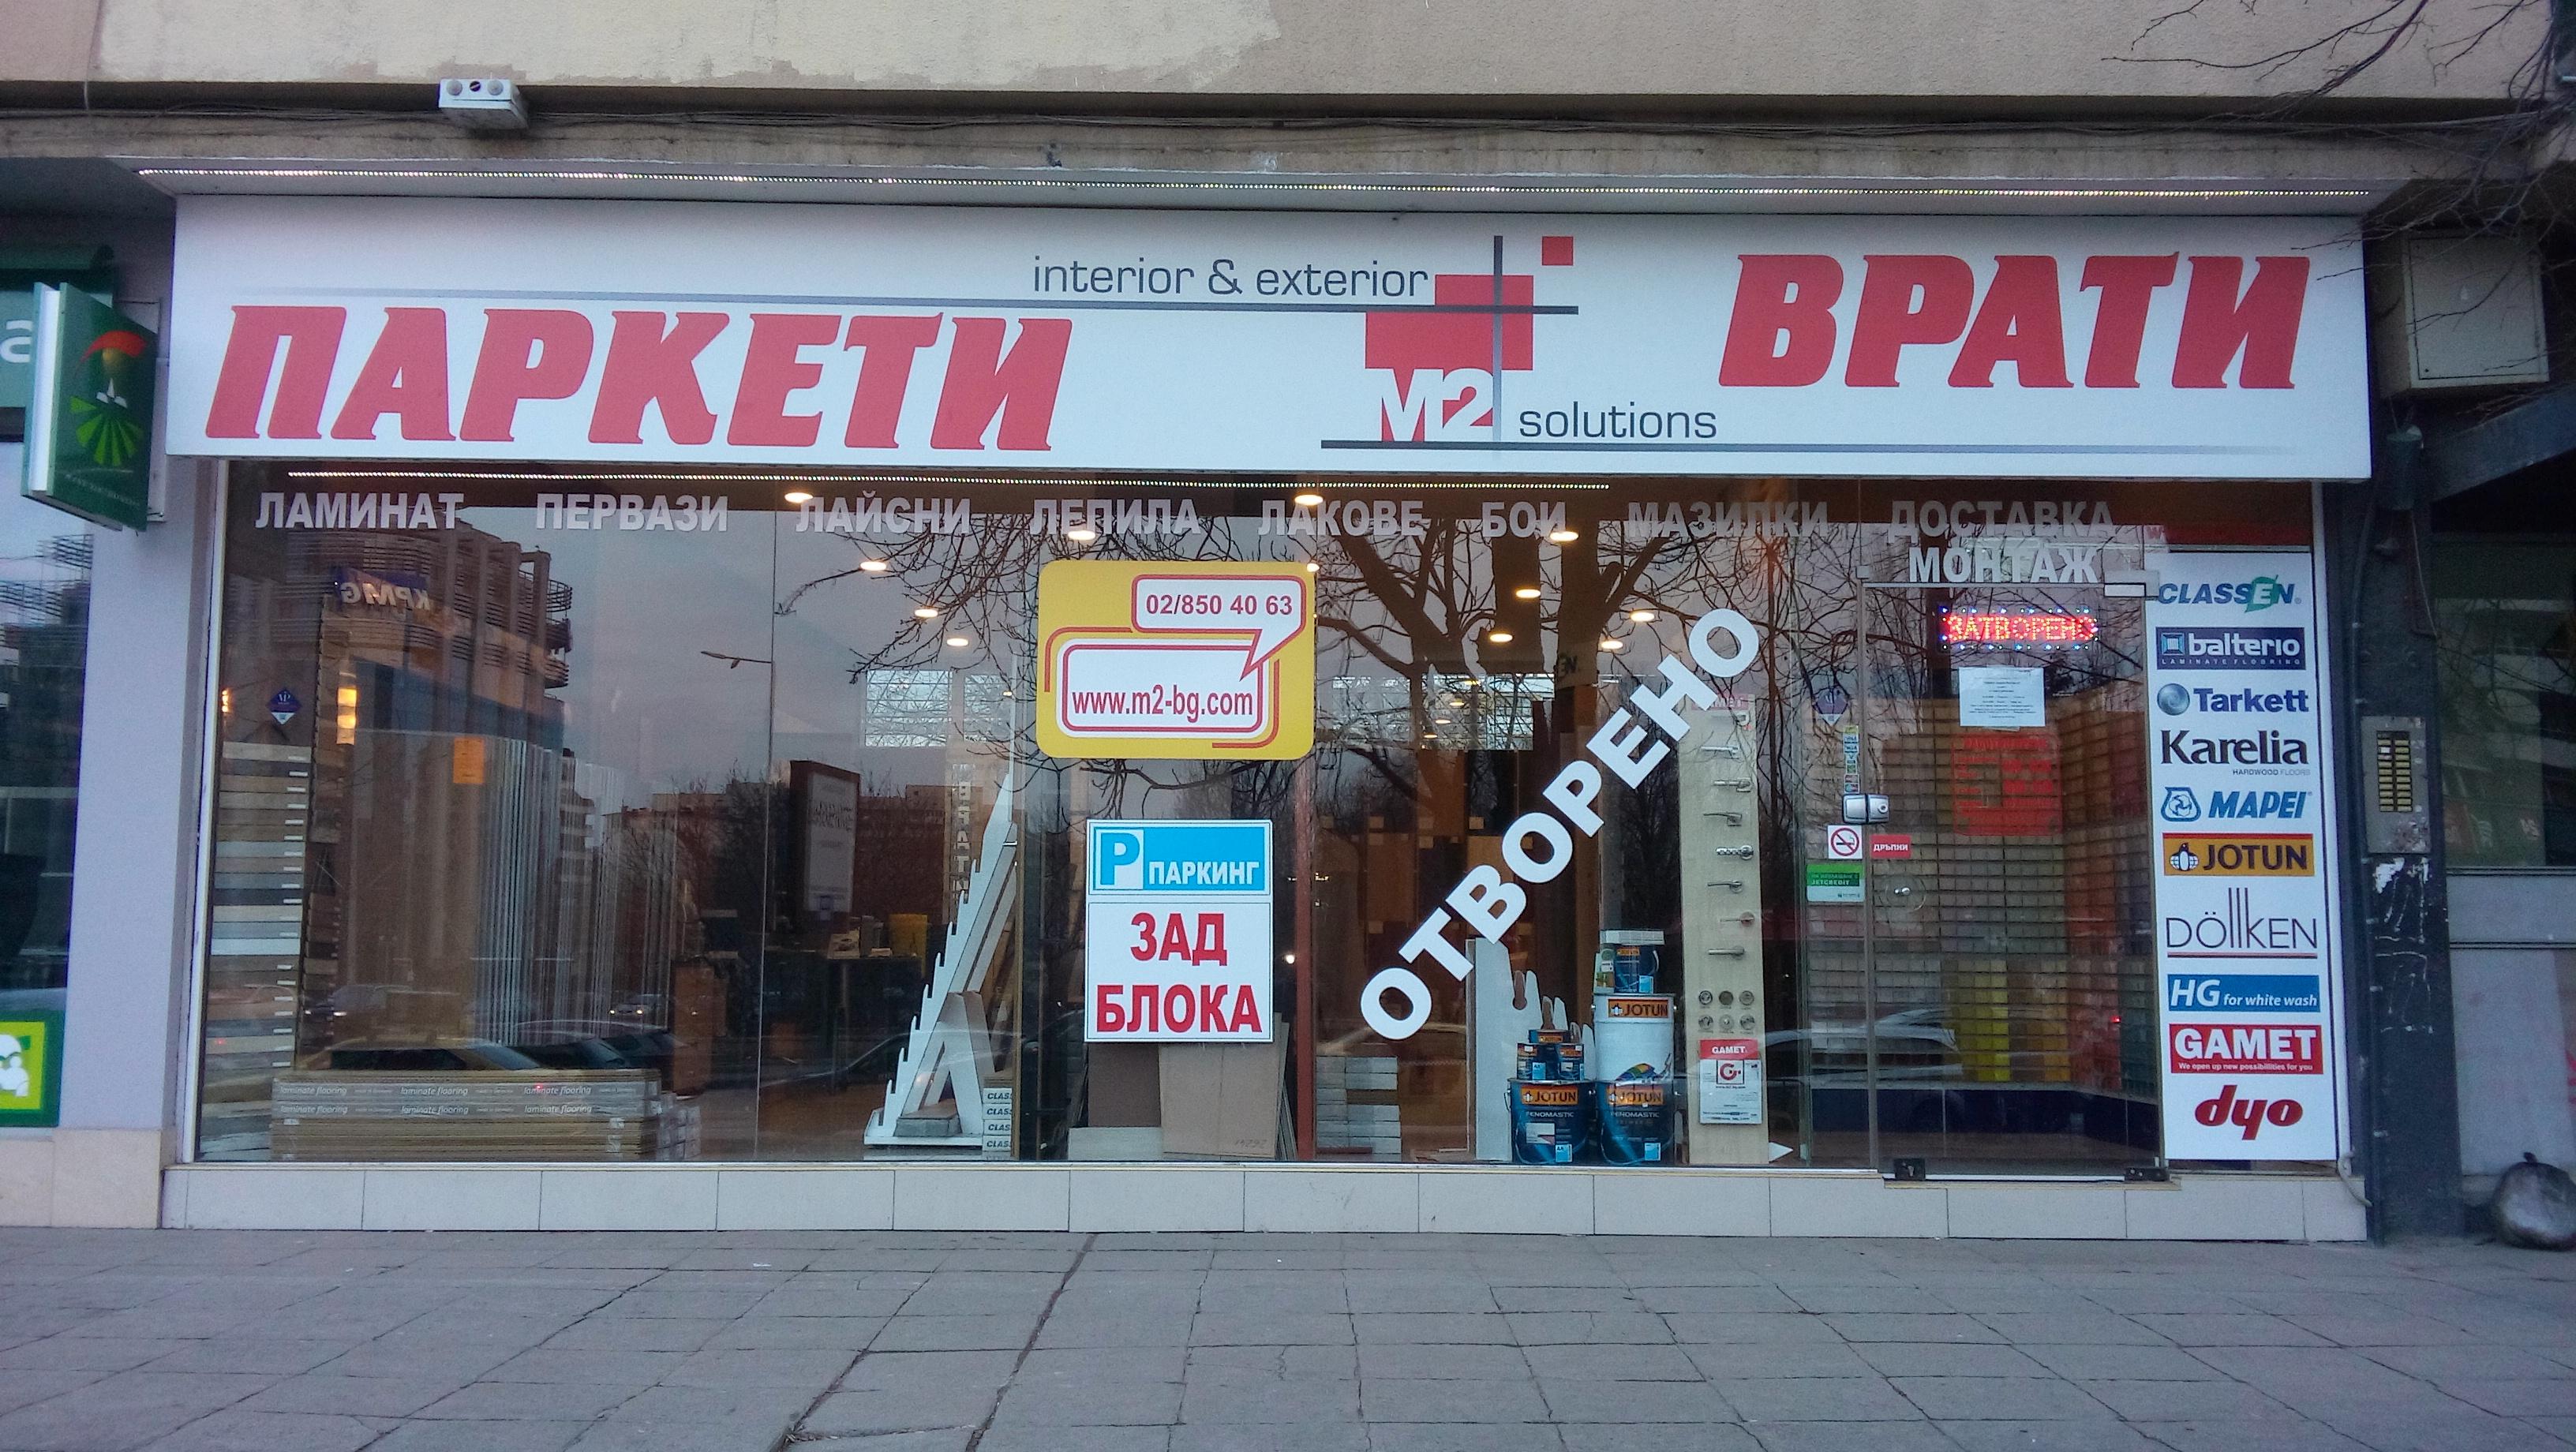 Магазин М2 на бул.Гоце Делчев,бл 32 няма да работи на:02.03,03.03.15г.